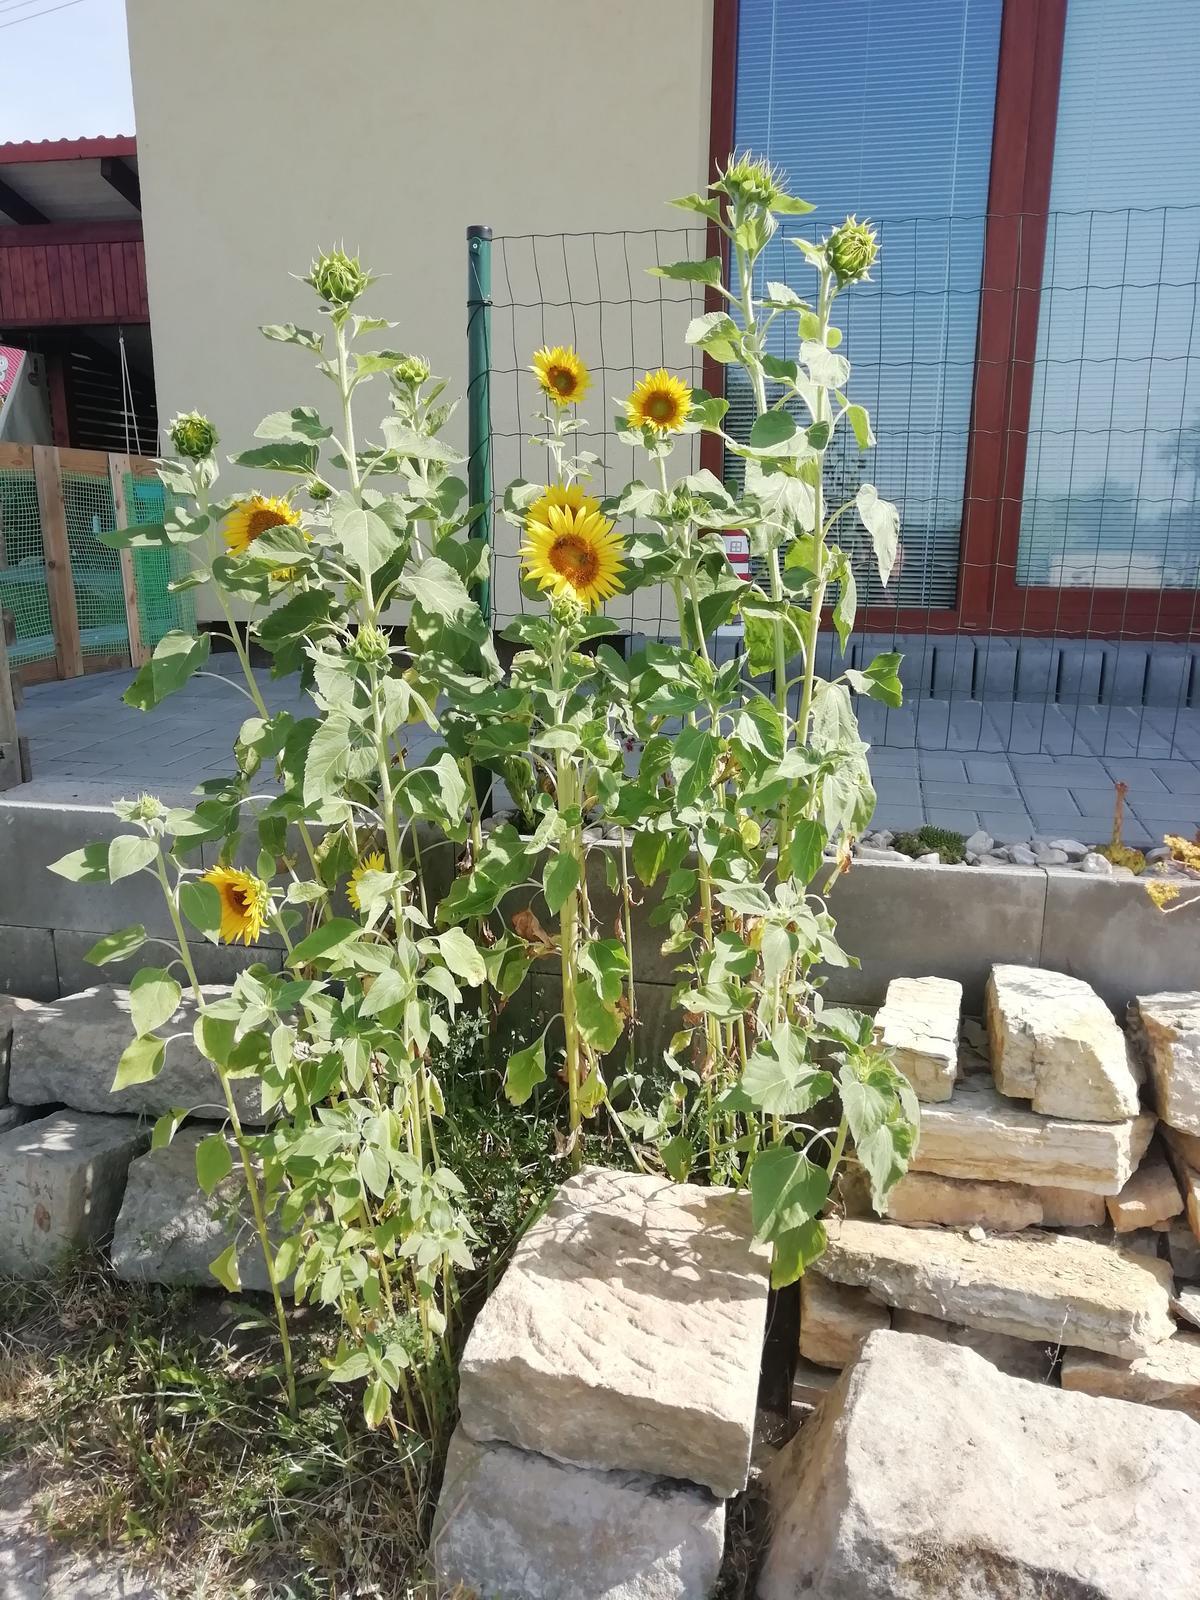 Venku (tam kde už to nevypadá jako staveniště) - to je tak když v zimě krmíte ptáčky slunečnicovými semínky :)